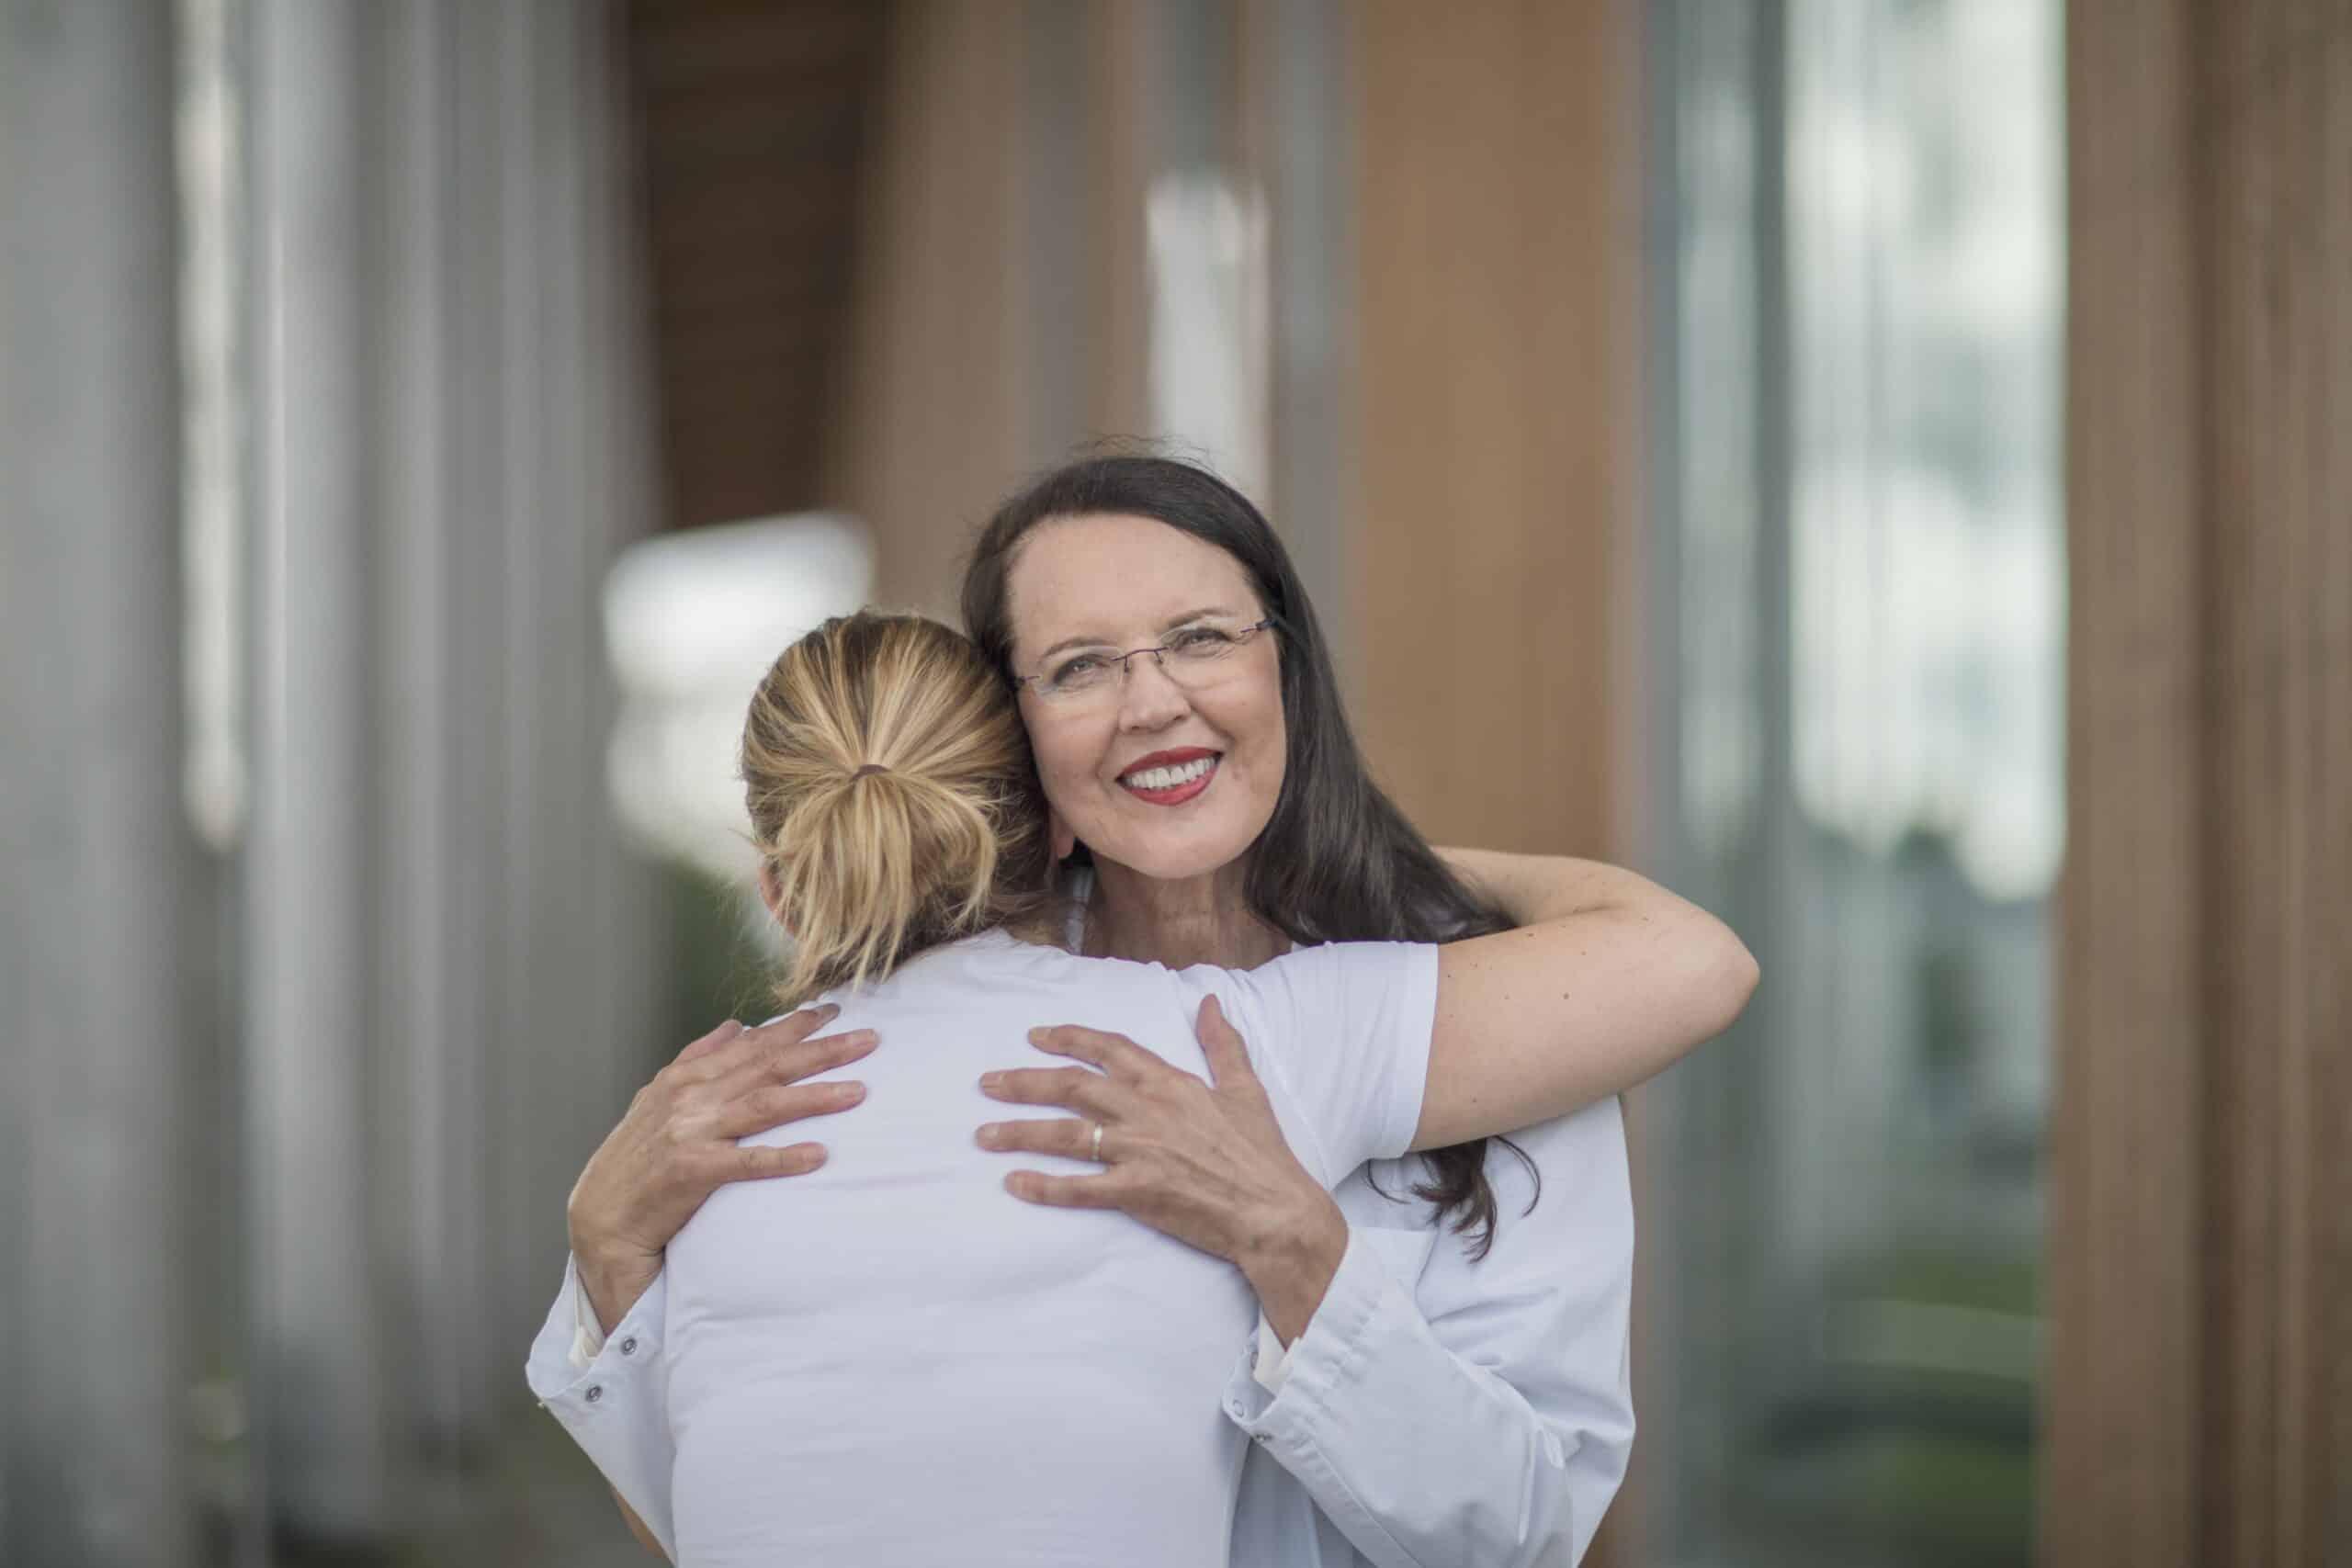 Helena hug